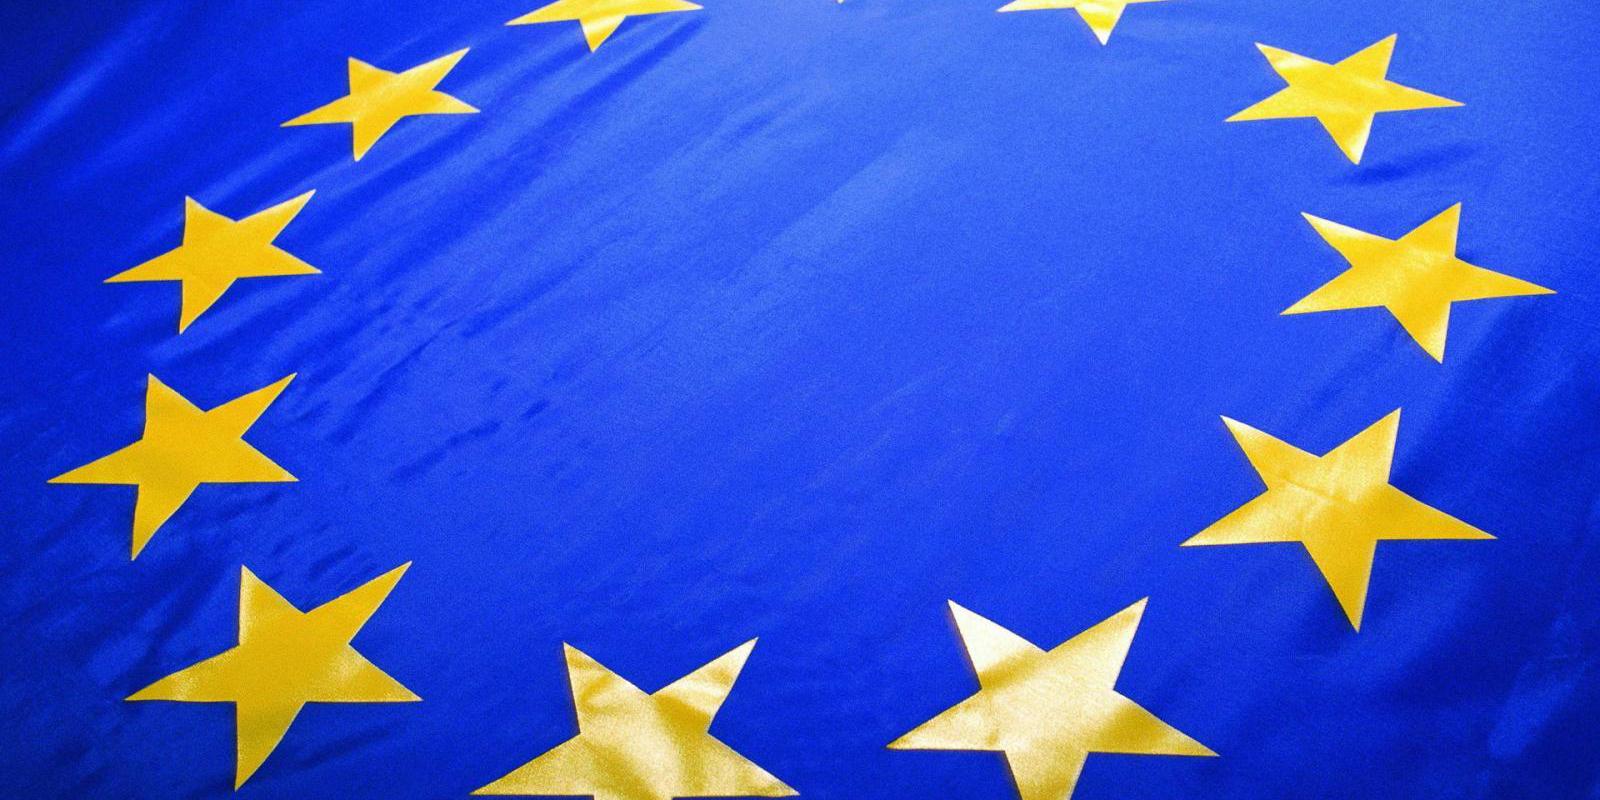 اروپا خواستار معافیت دائمی صادرات فولاد و آلومینیوم به آمریکا شد